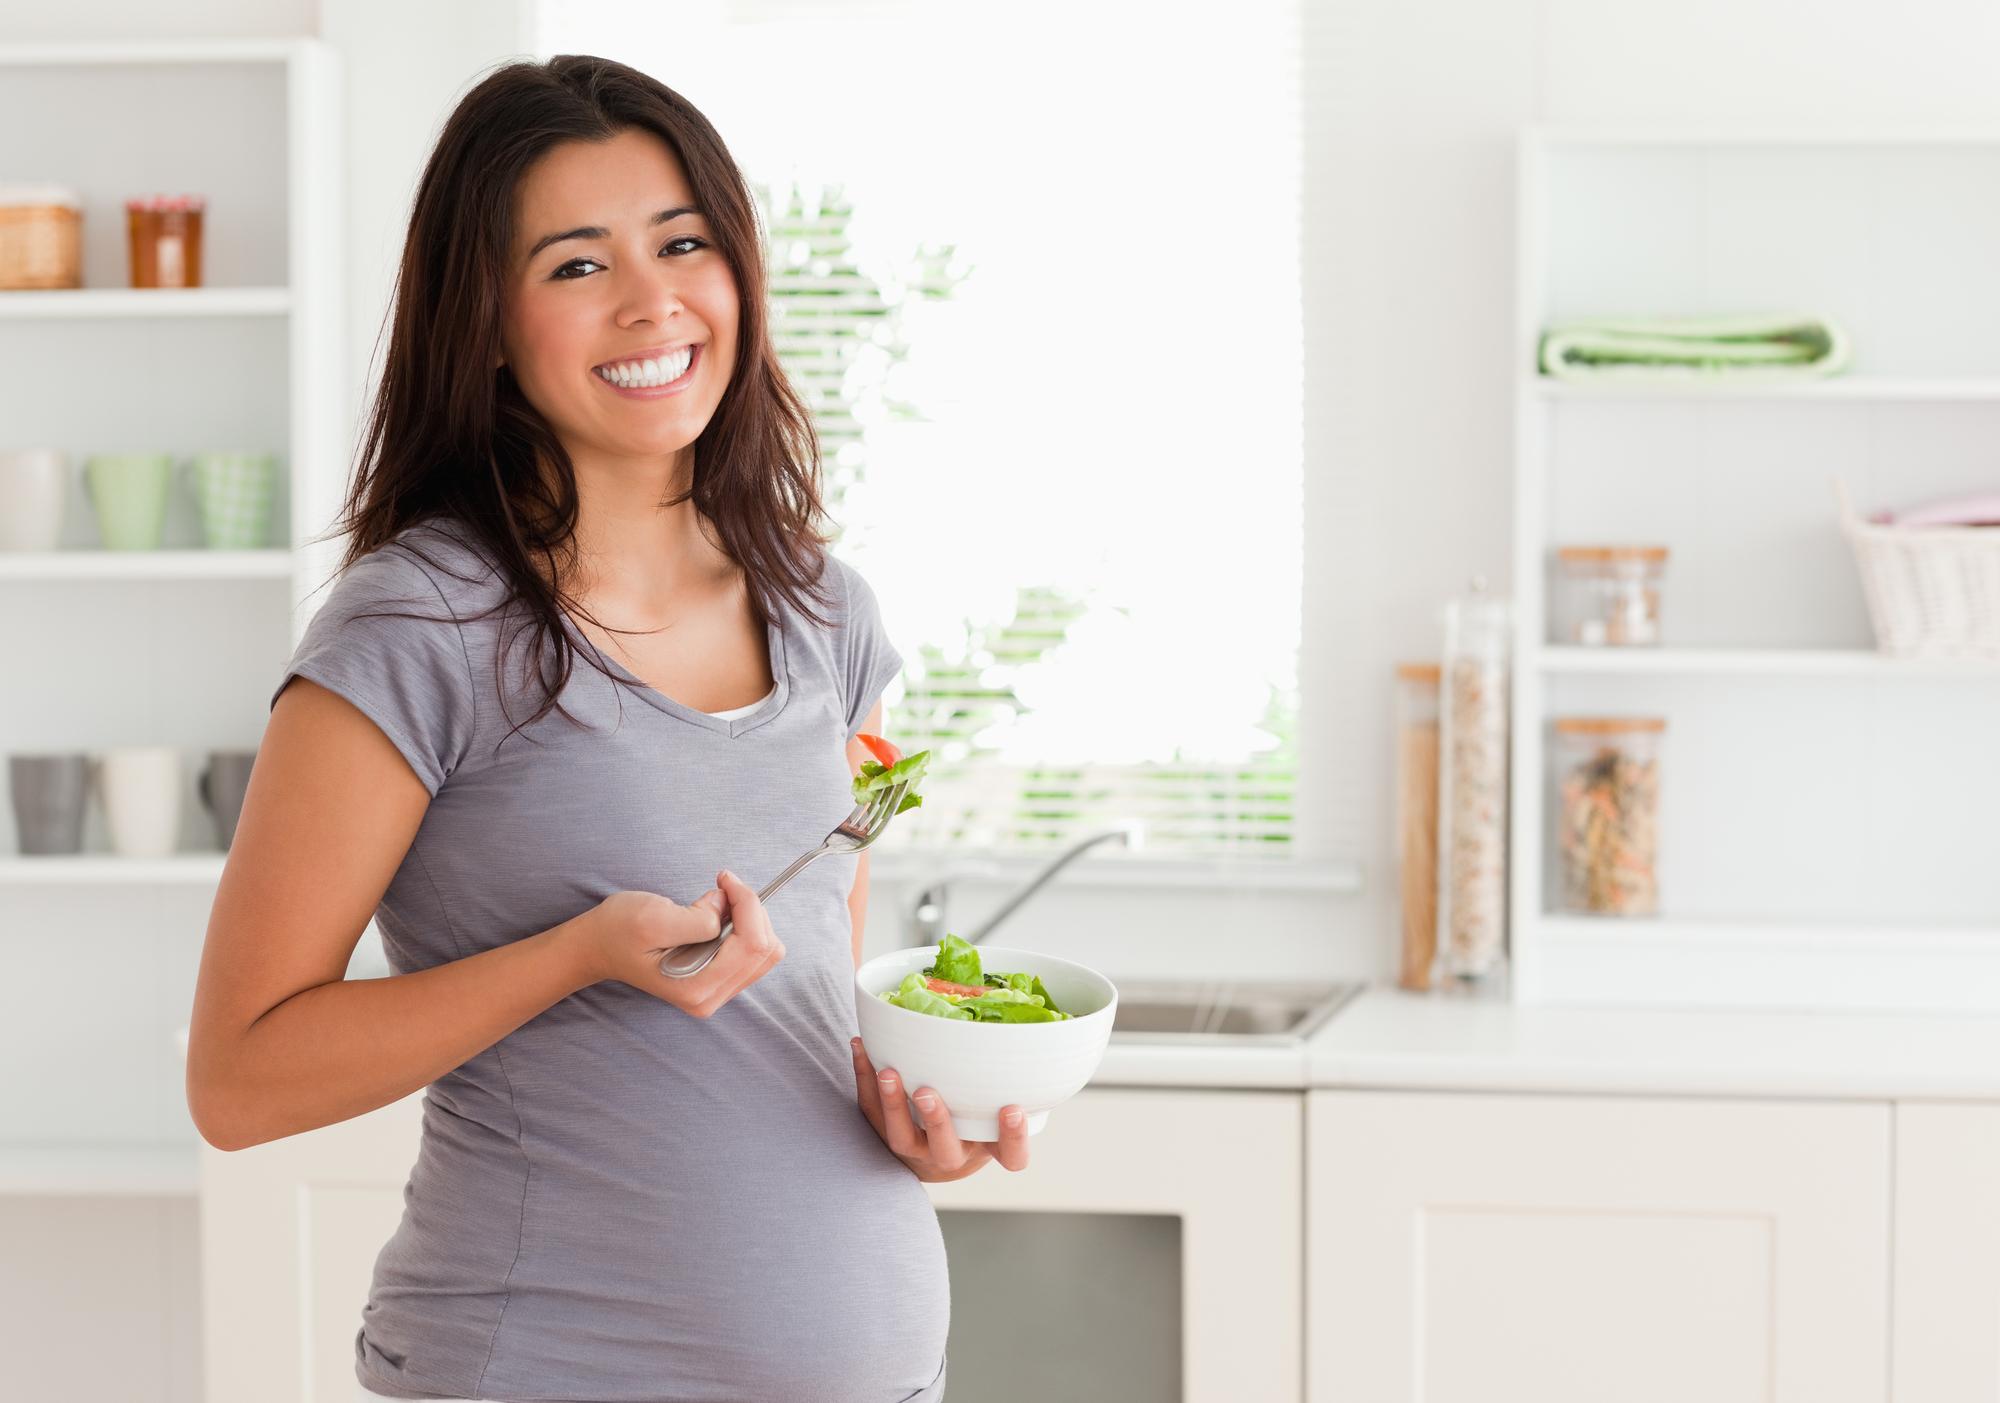 Bild Schwangere Frau